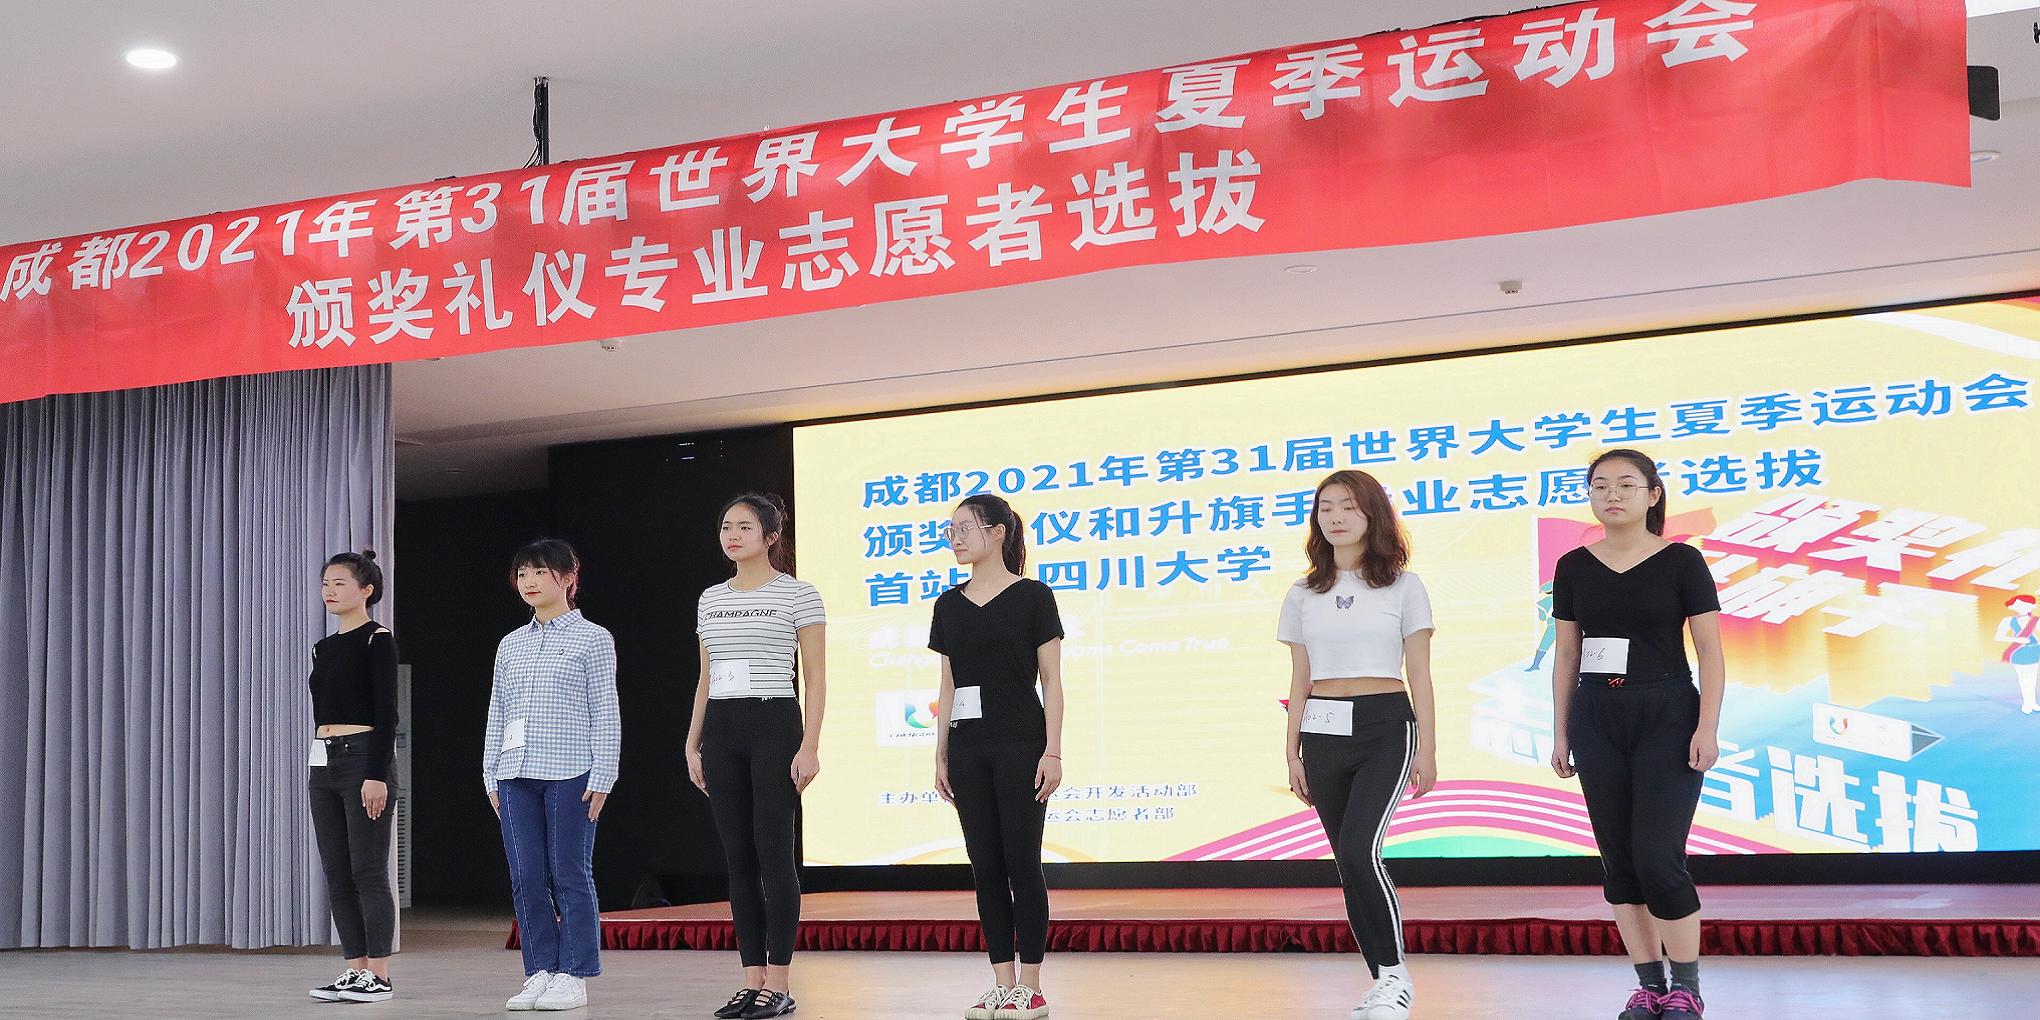 Comienza oficialmente la selección de los voluntarios de los Juegos para las ceremonias de premiación y el izamiento de la bandera